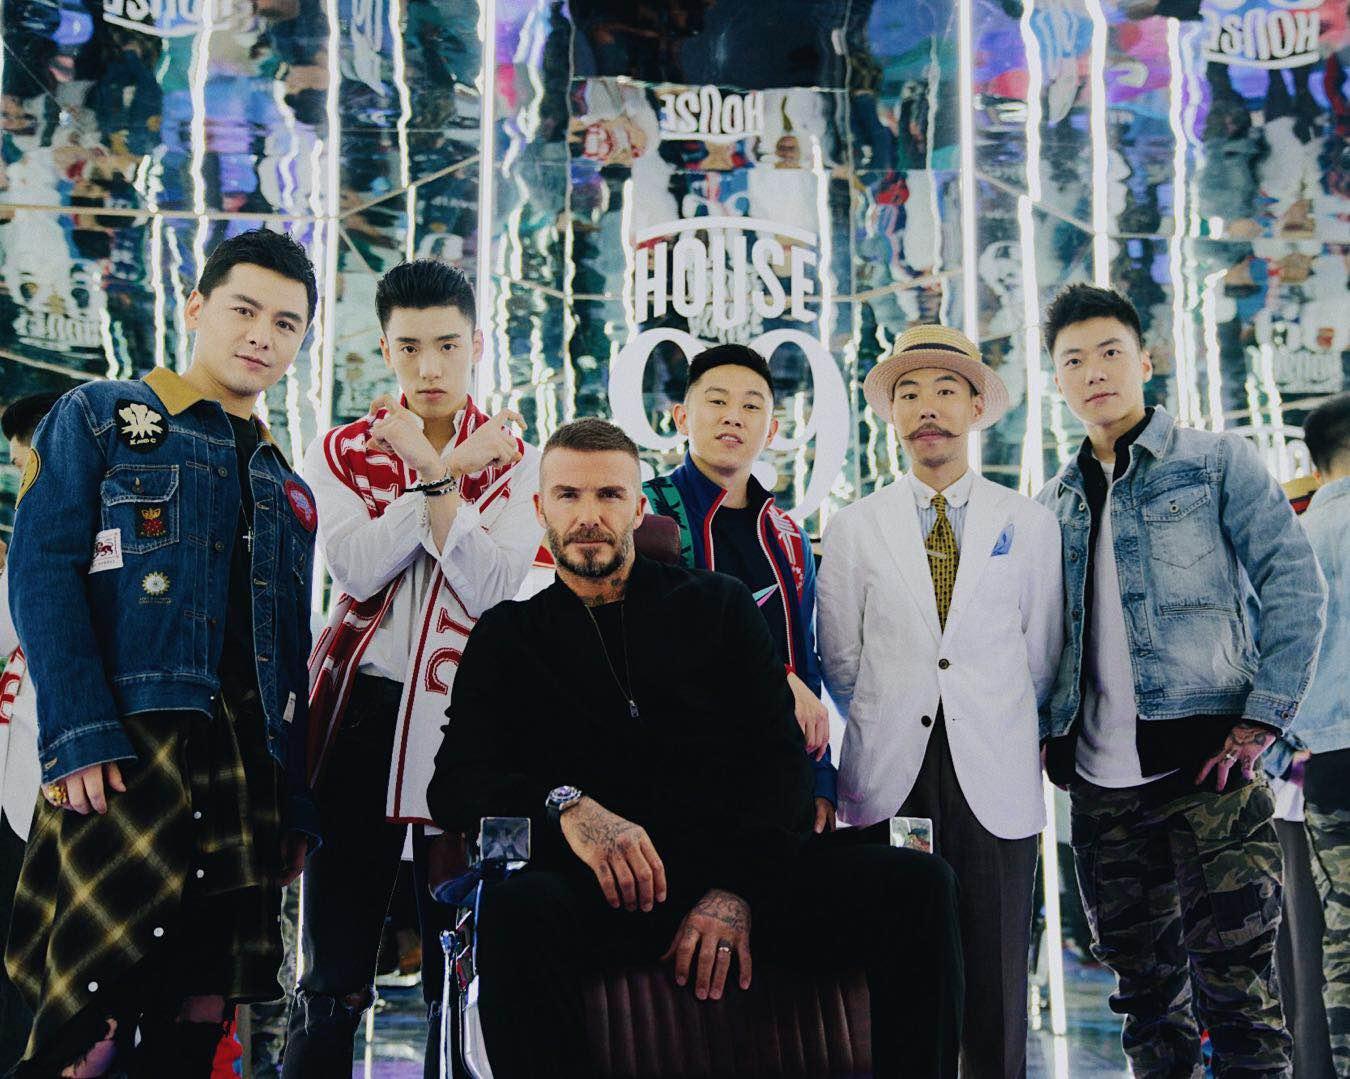 由大卫•贝克汉姆主理的全新男士理容品牌 HOUSE 99进驻中国